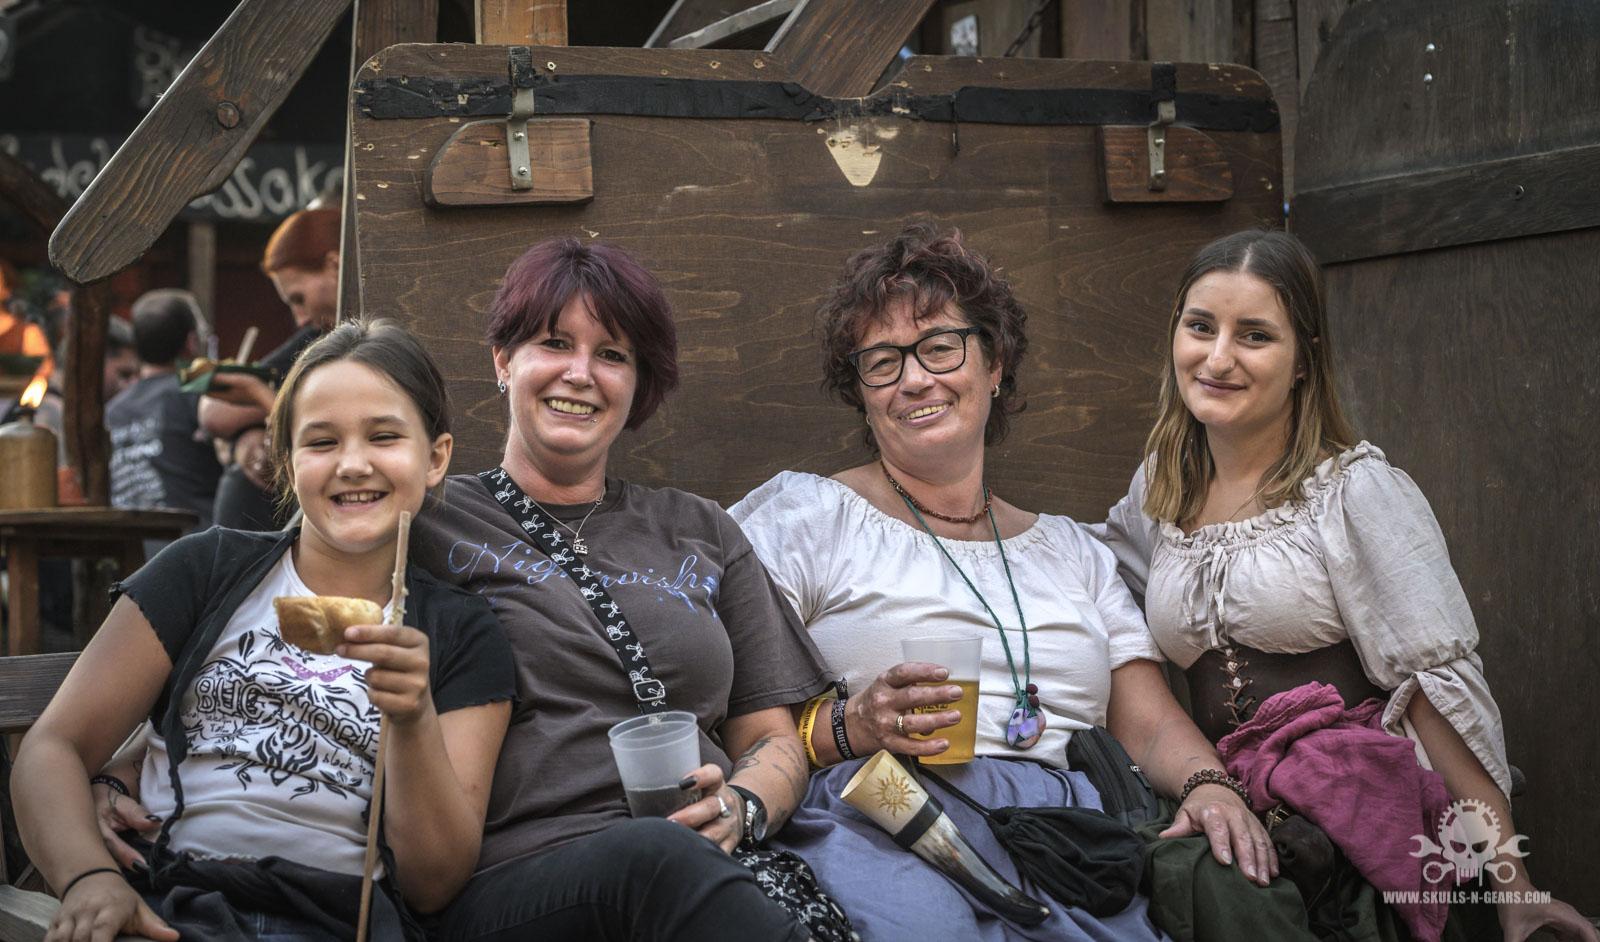 Feuertanz Festival 2019 - Besucher-597